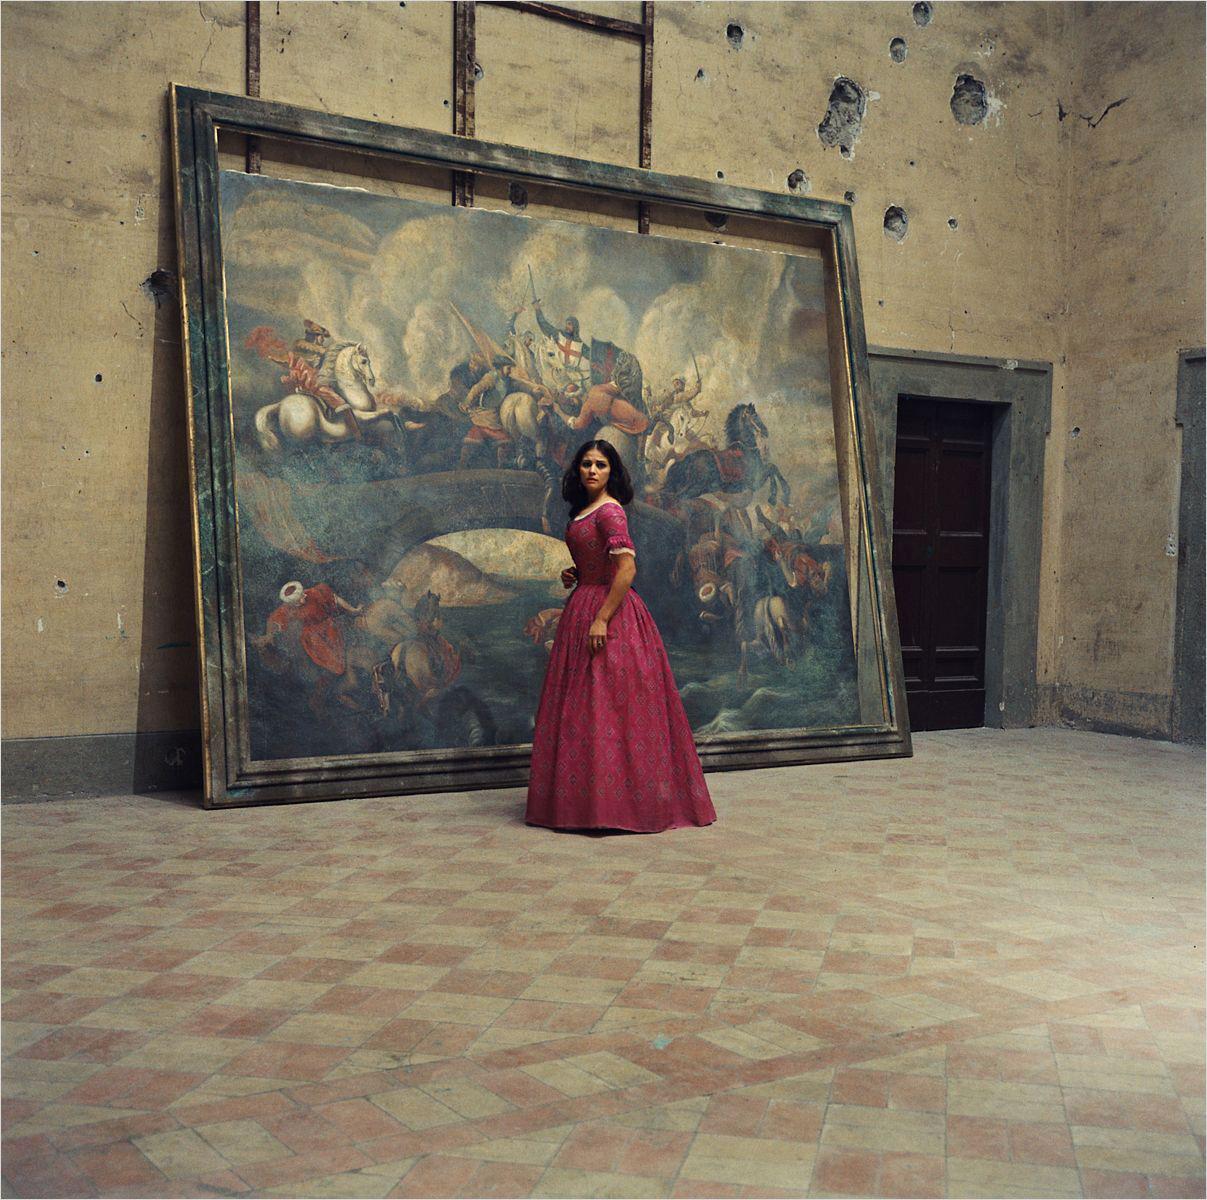 Luchino Visconti, 'The Leopard' (1963), film still (image courtesy 20th-Century Fox)